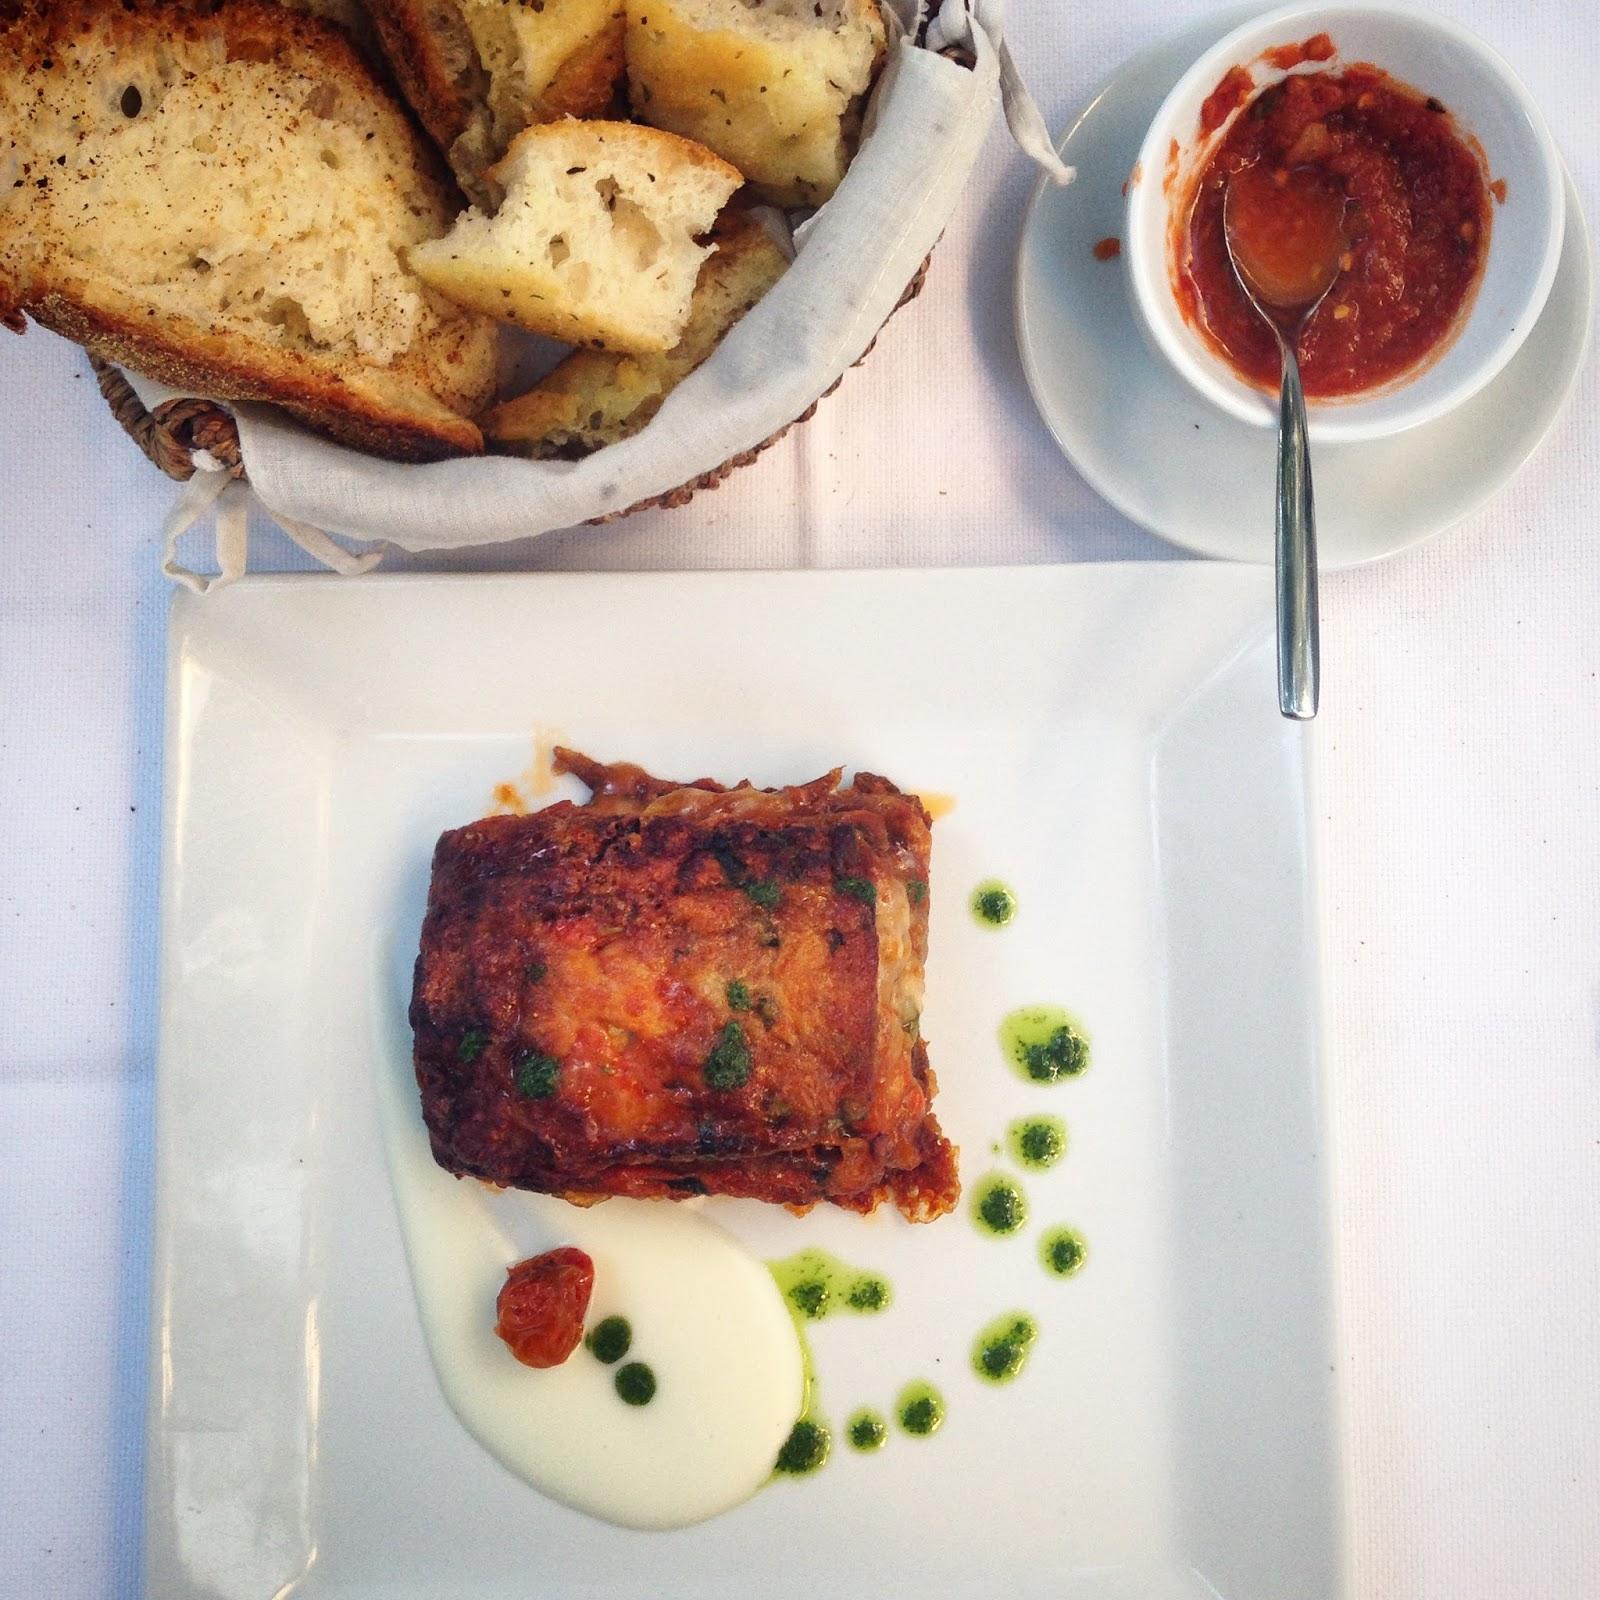 Food hotspots in Ibiza